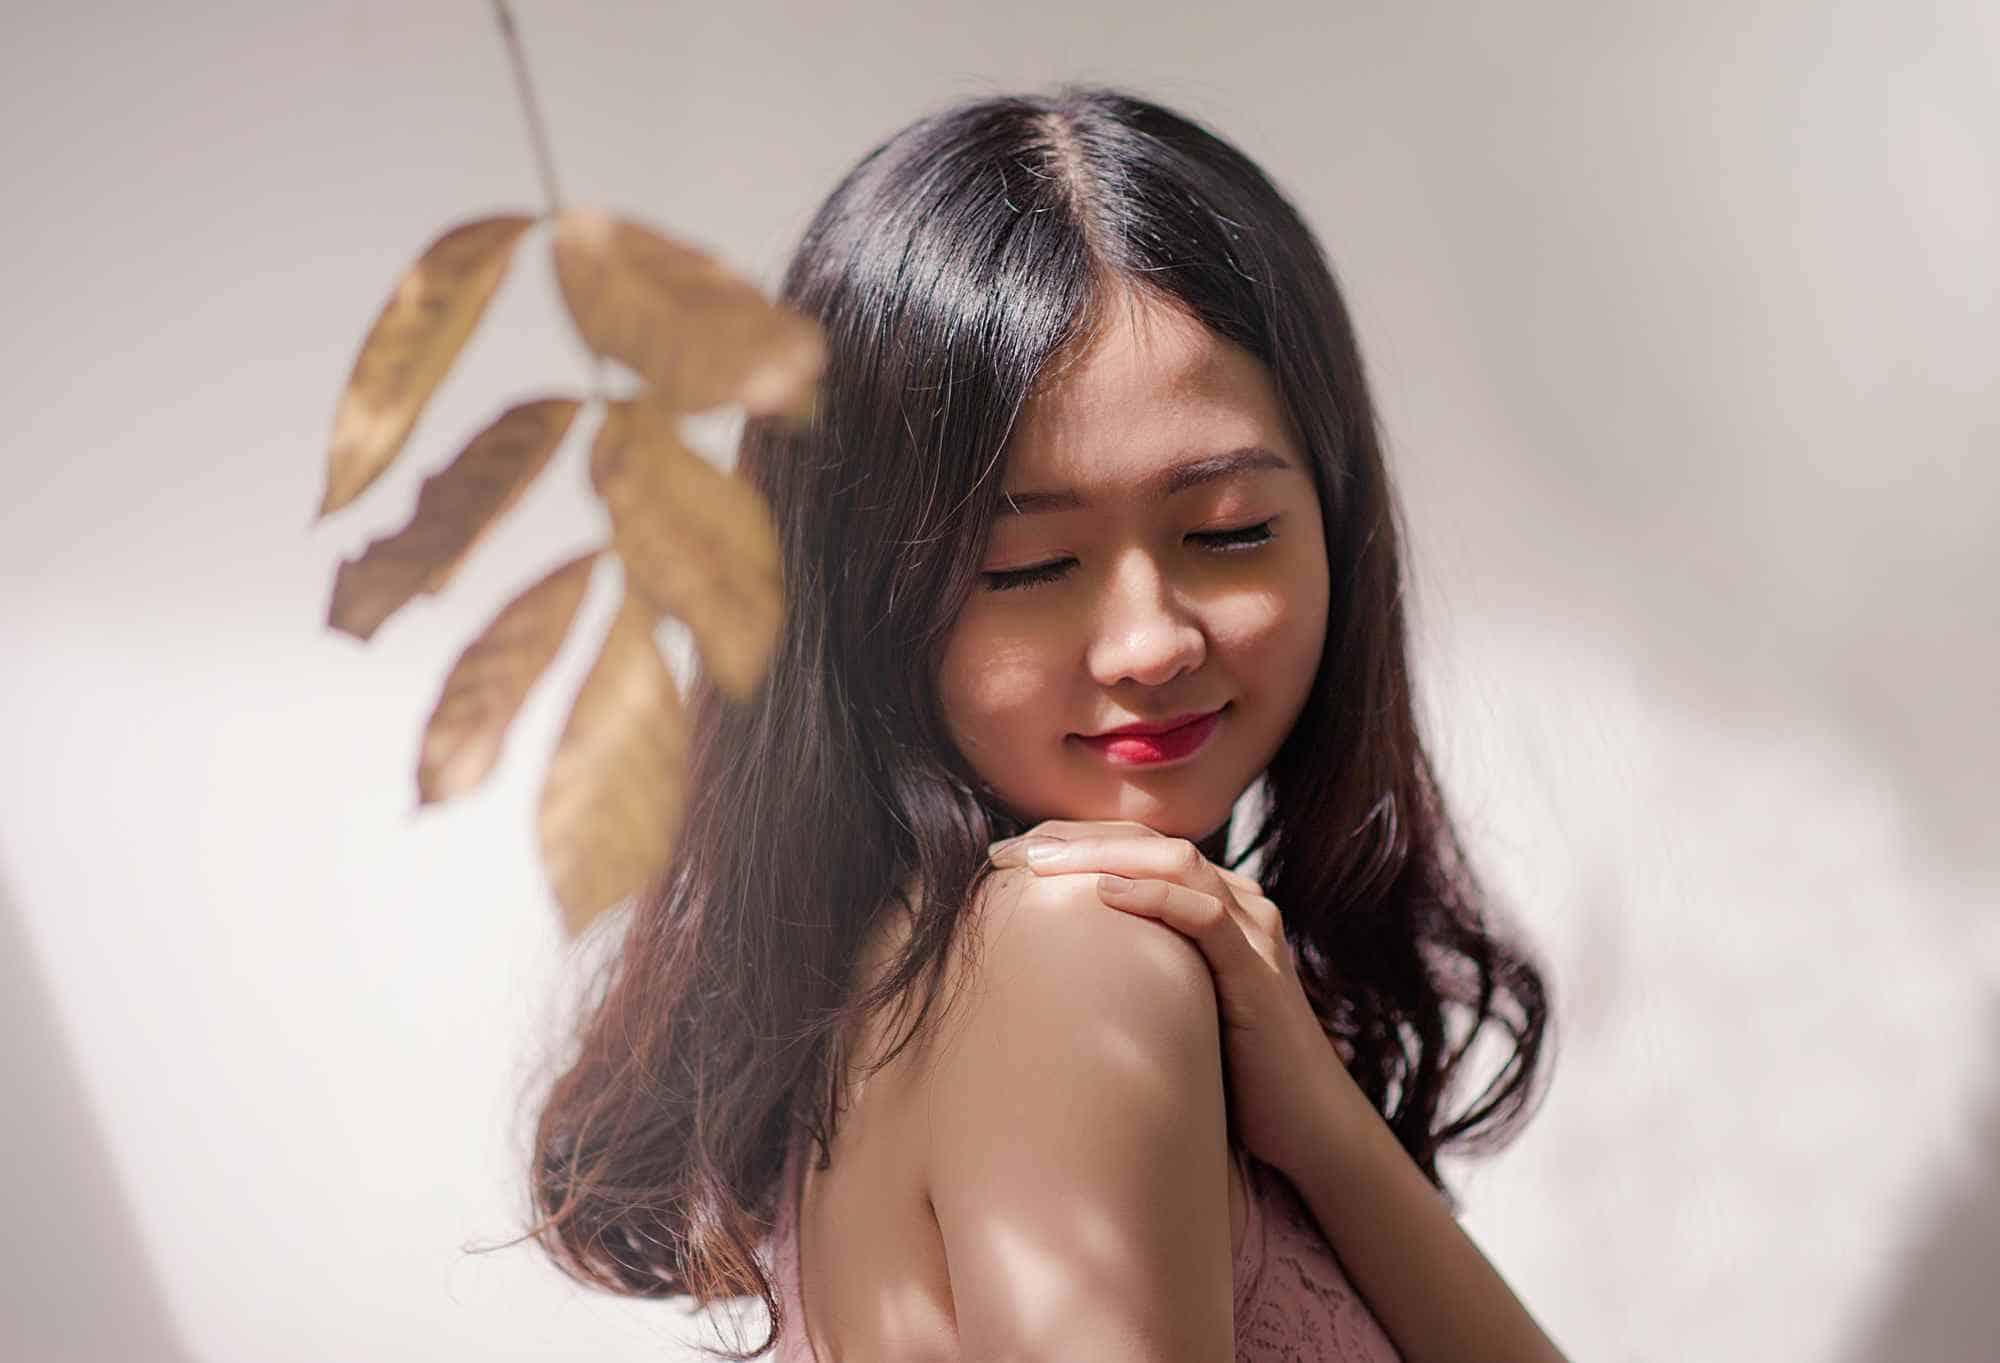 Portret Azjatki z odkrytymi ramionami